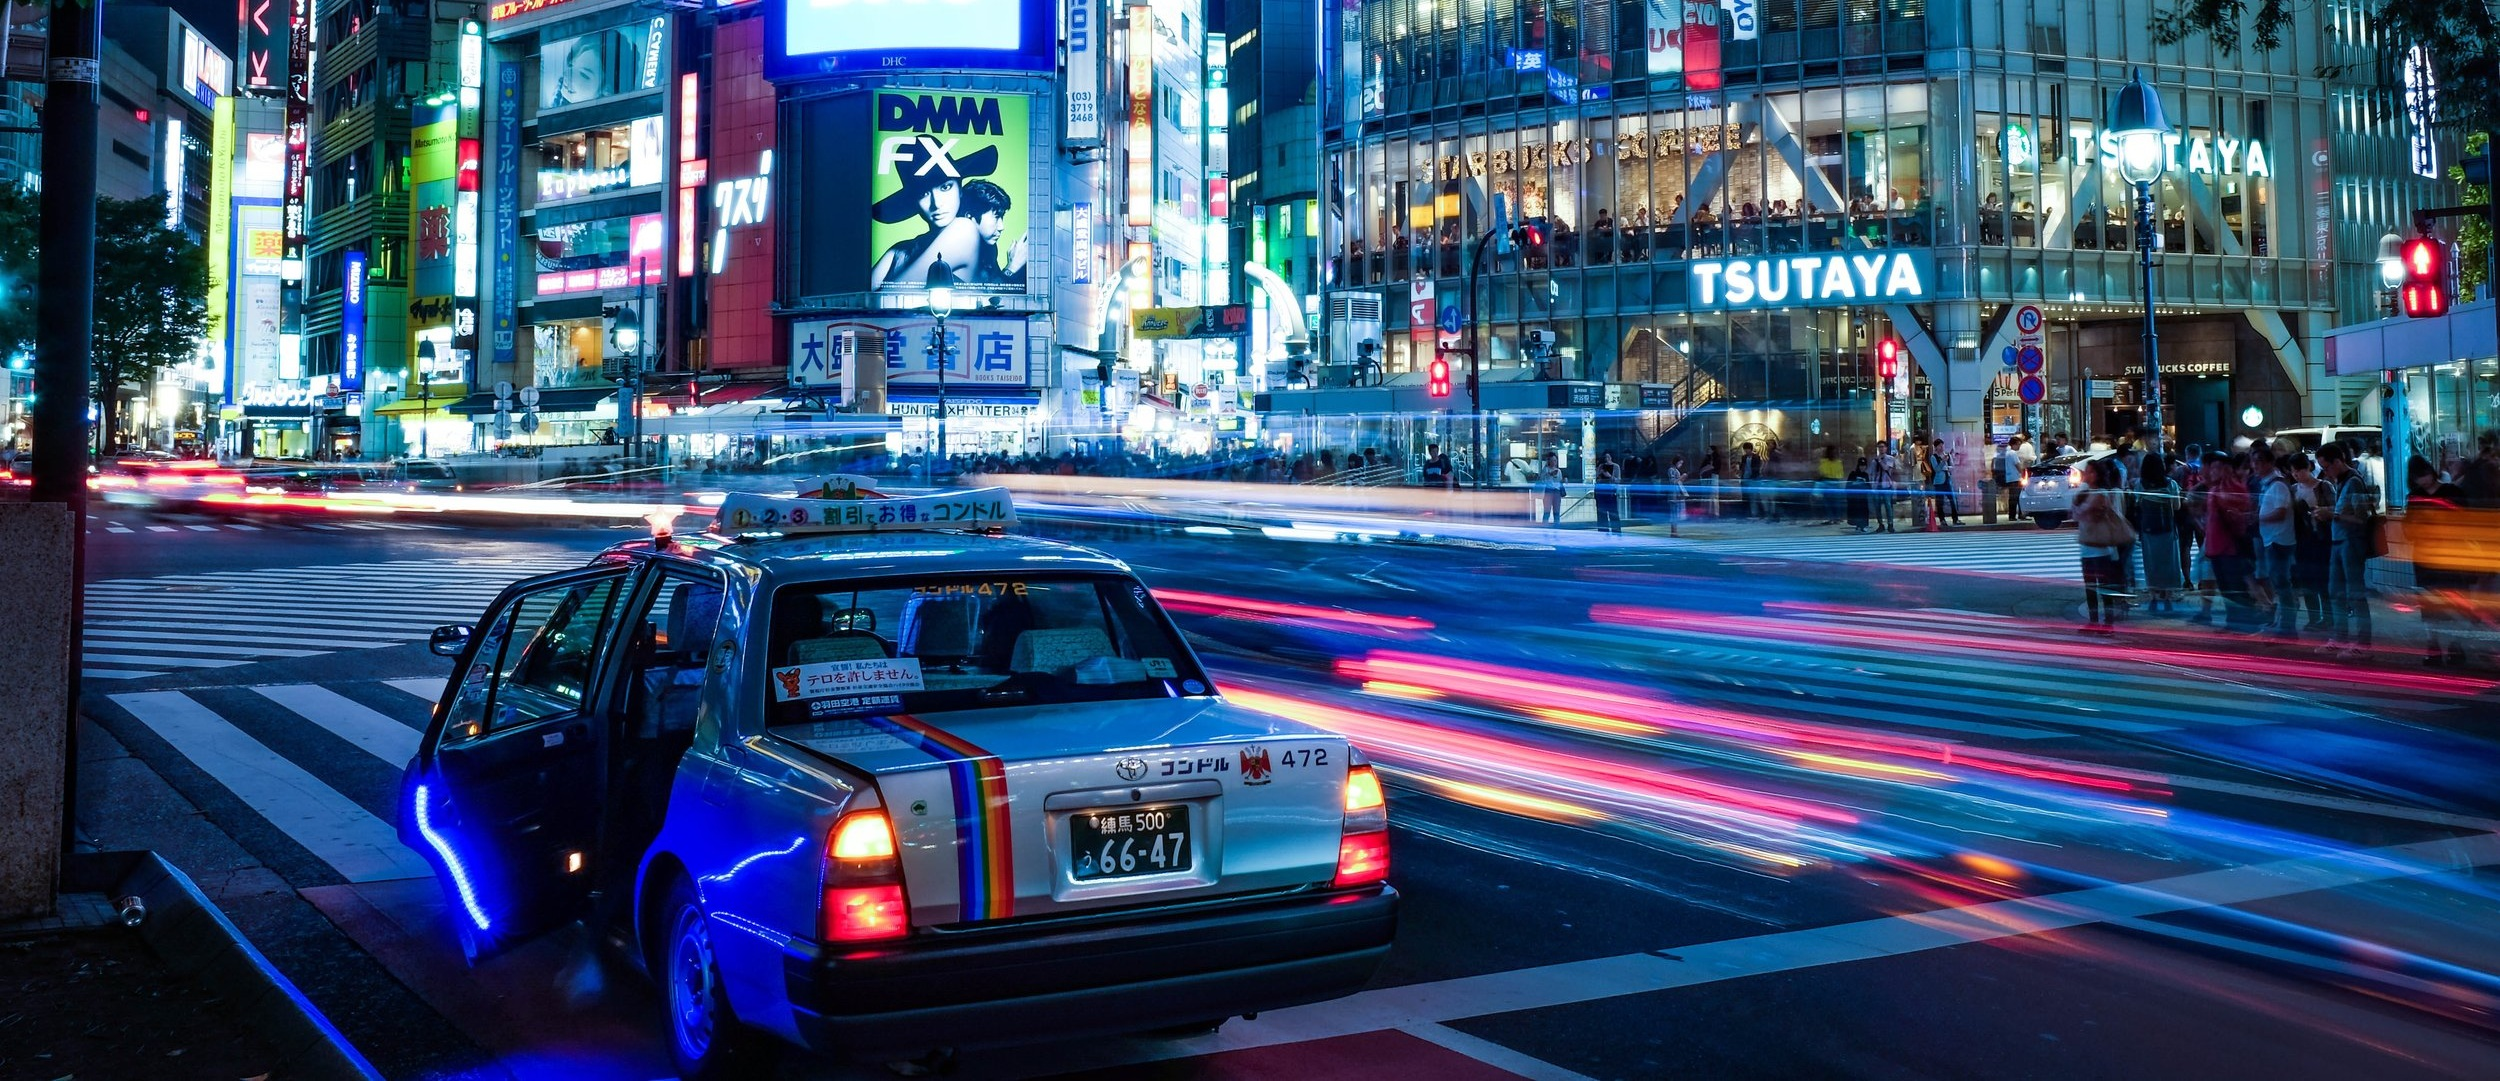 TOKYO LIGHTS AT NIGHT. CREDIT: ALEX KNIGHT / SHUTTERSTOCK